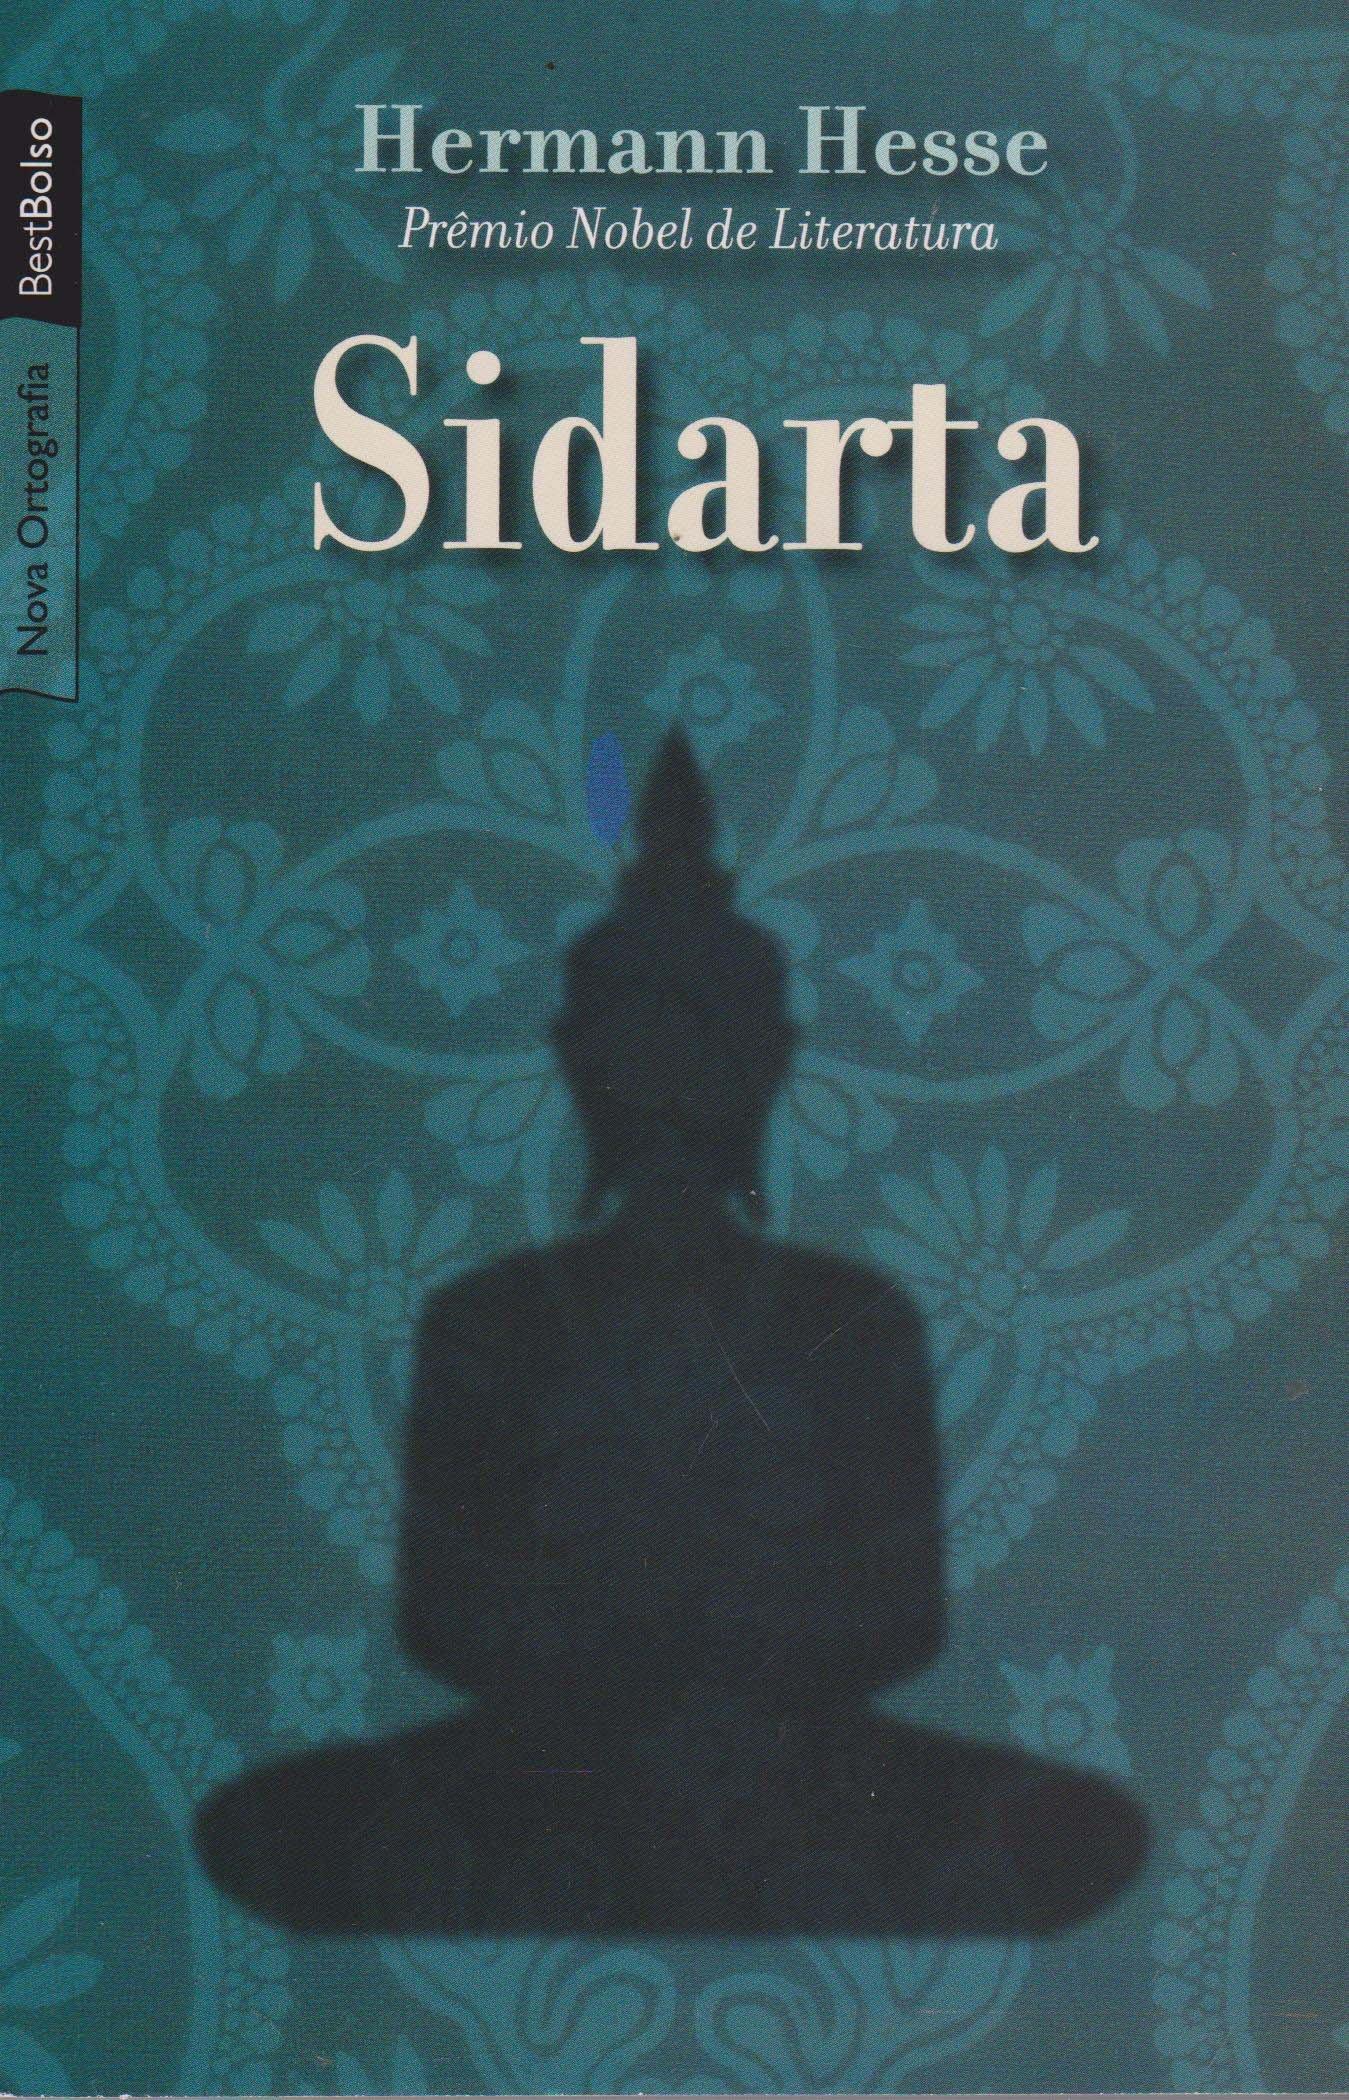 Sidarta – um livro que todo mundo deveria ler